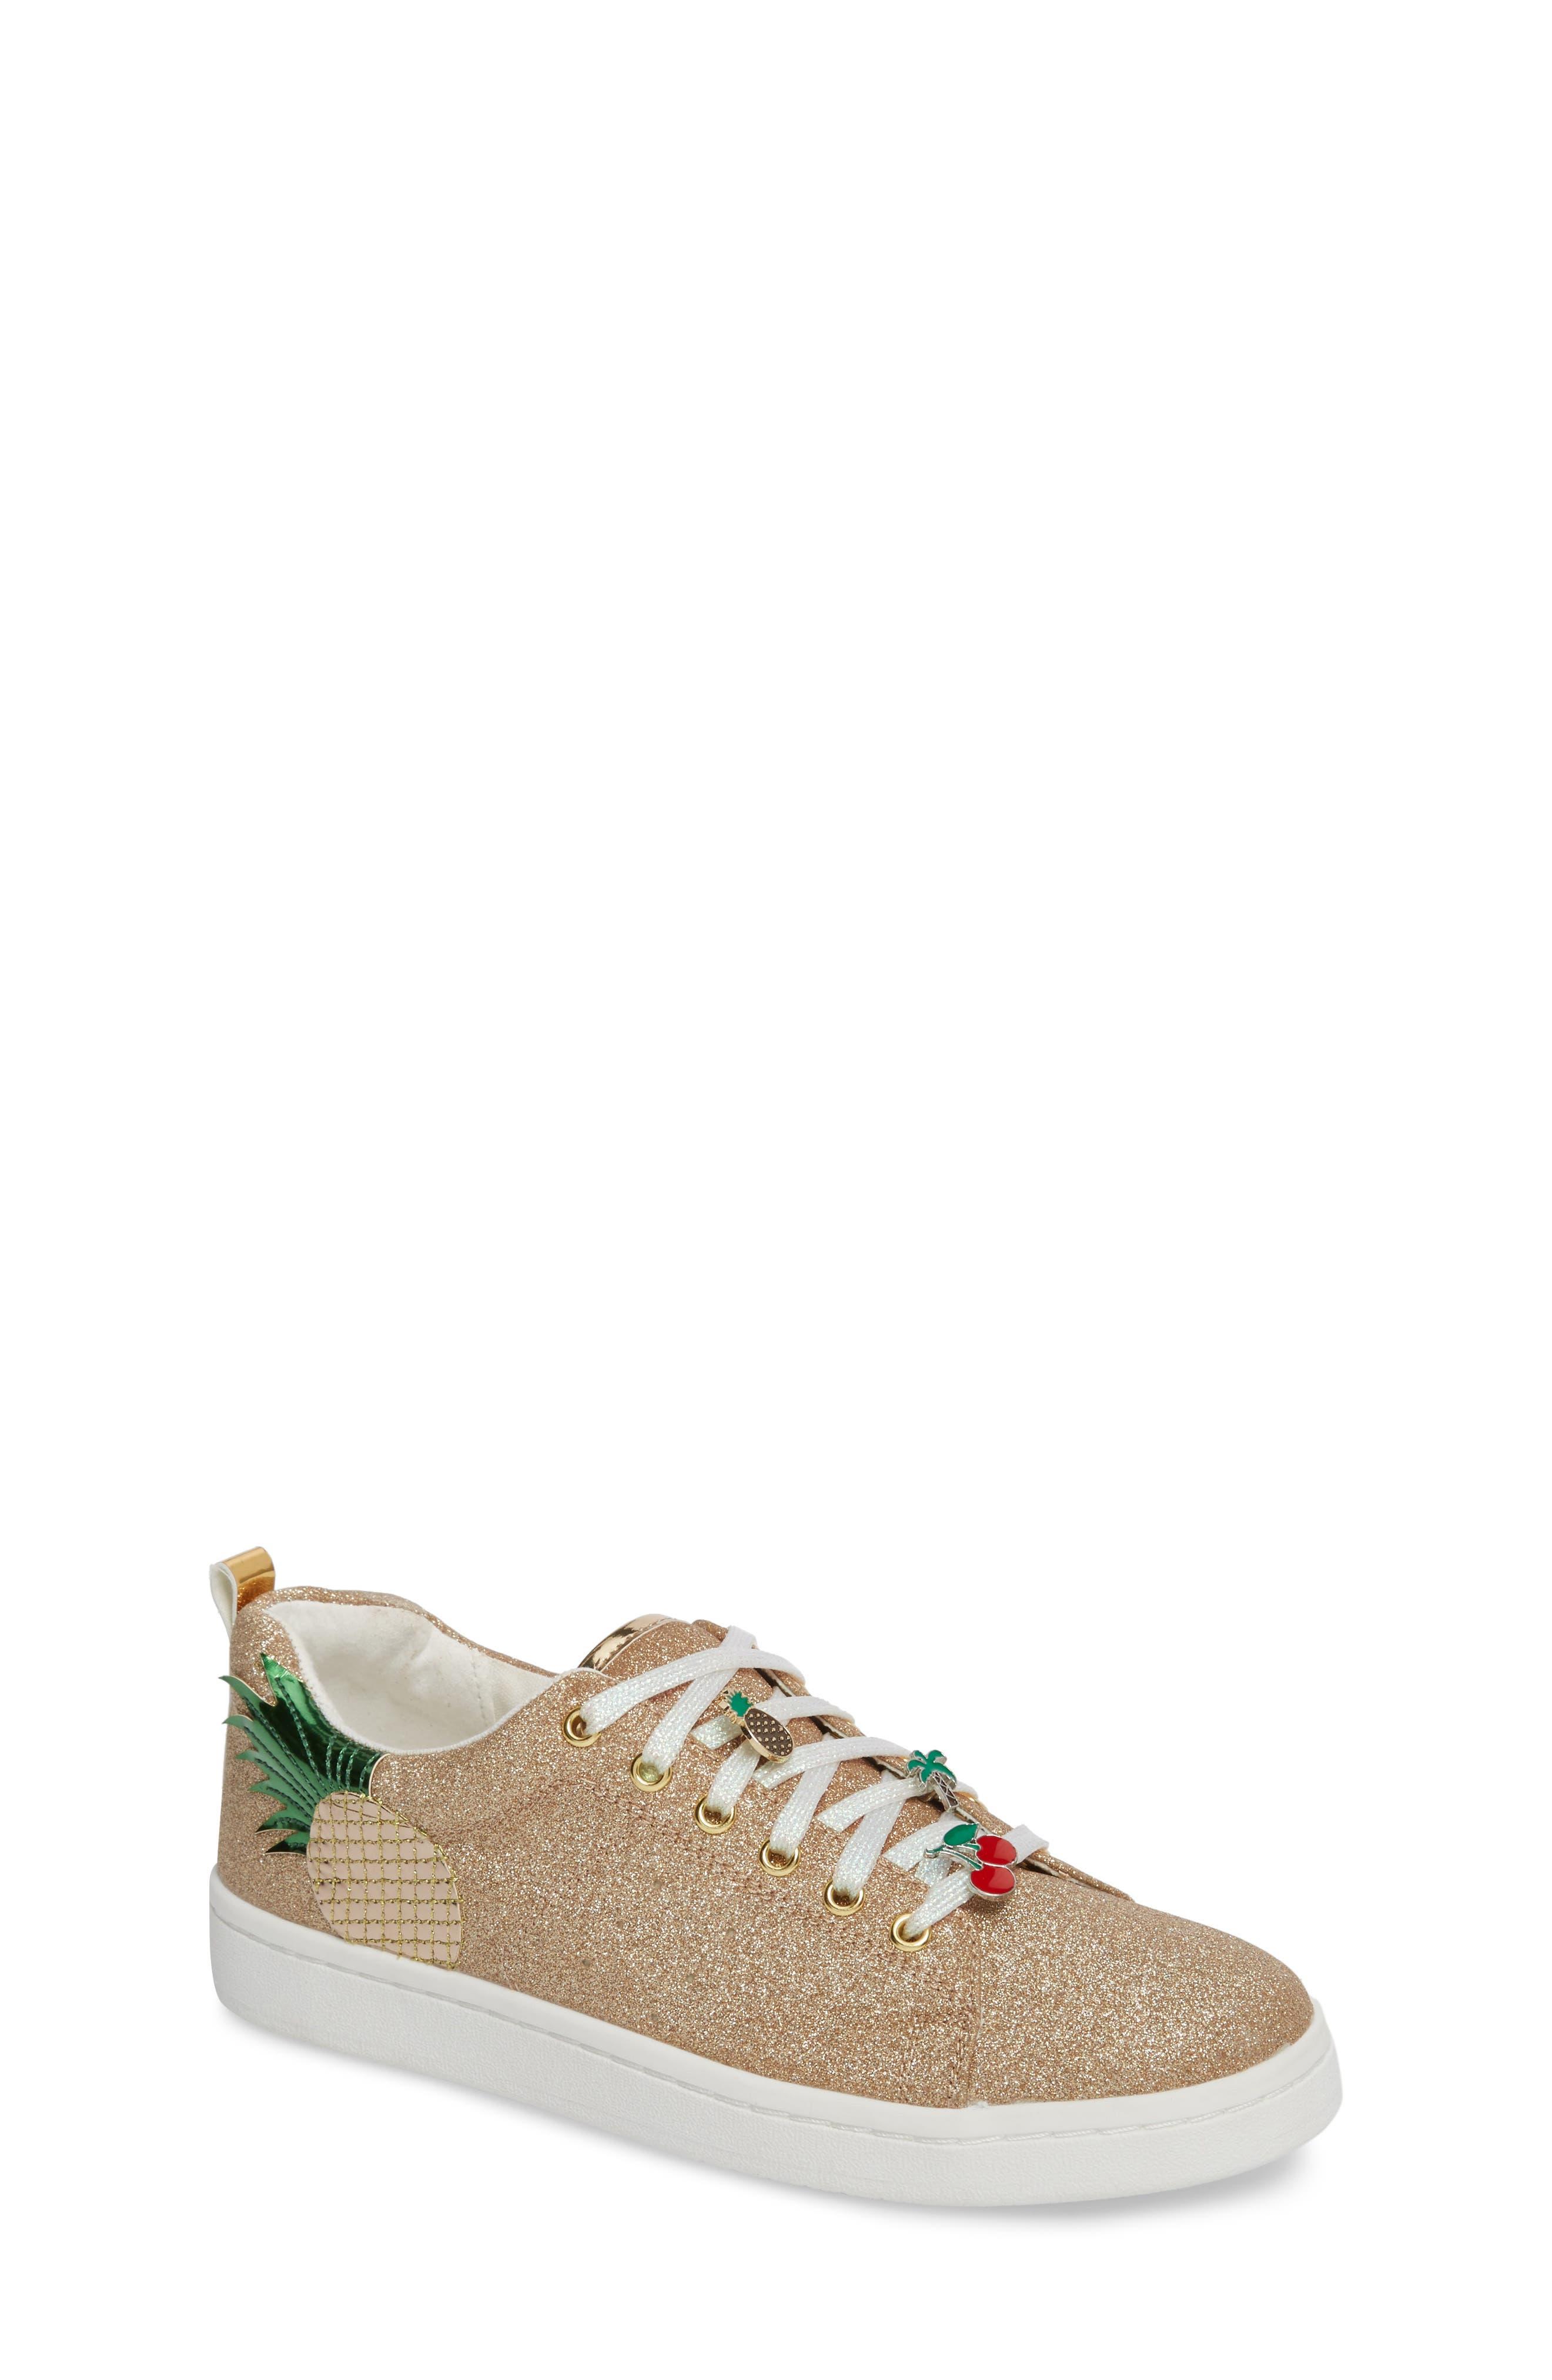 Blane Myth Glitter Sneaker,                         Main,                         color, 712